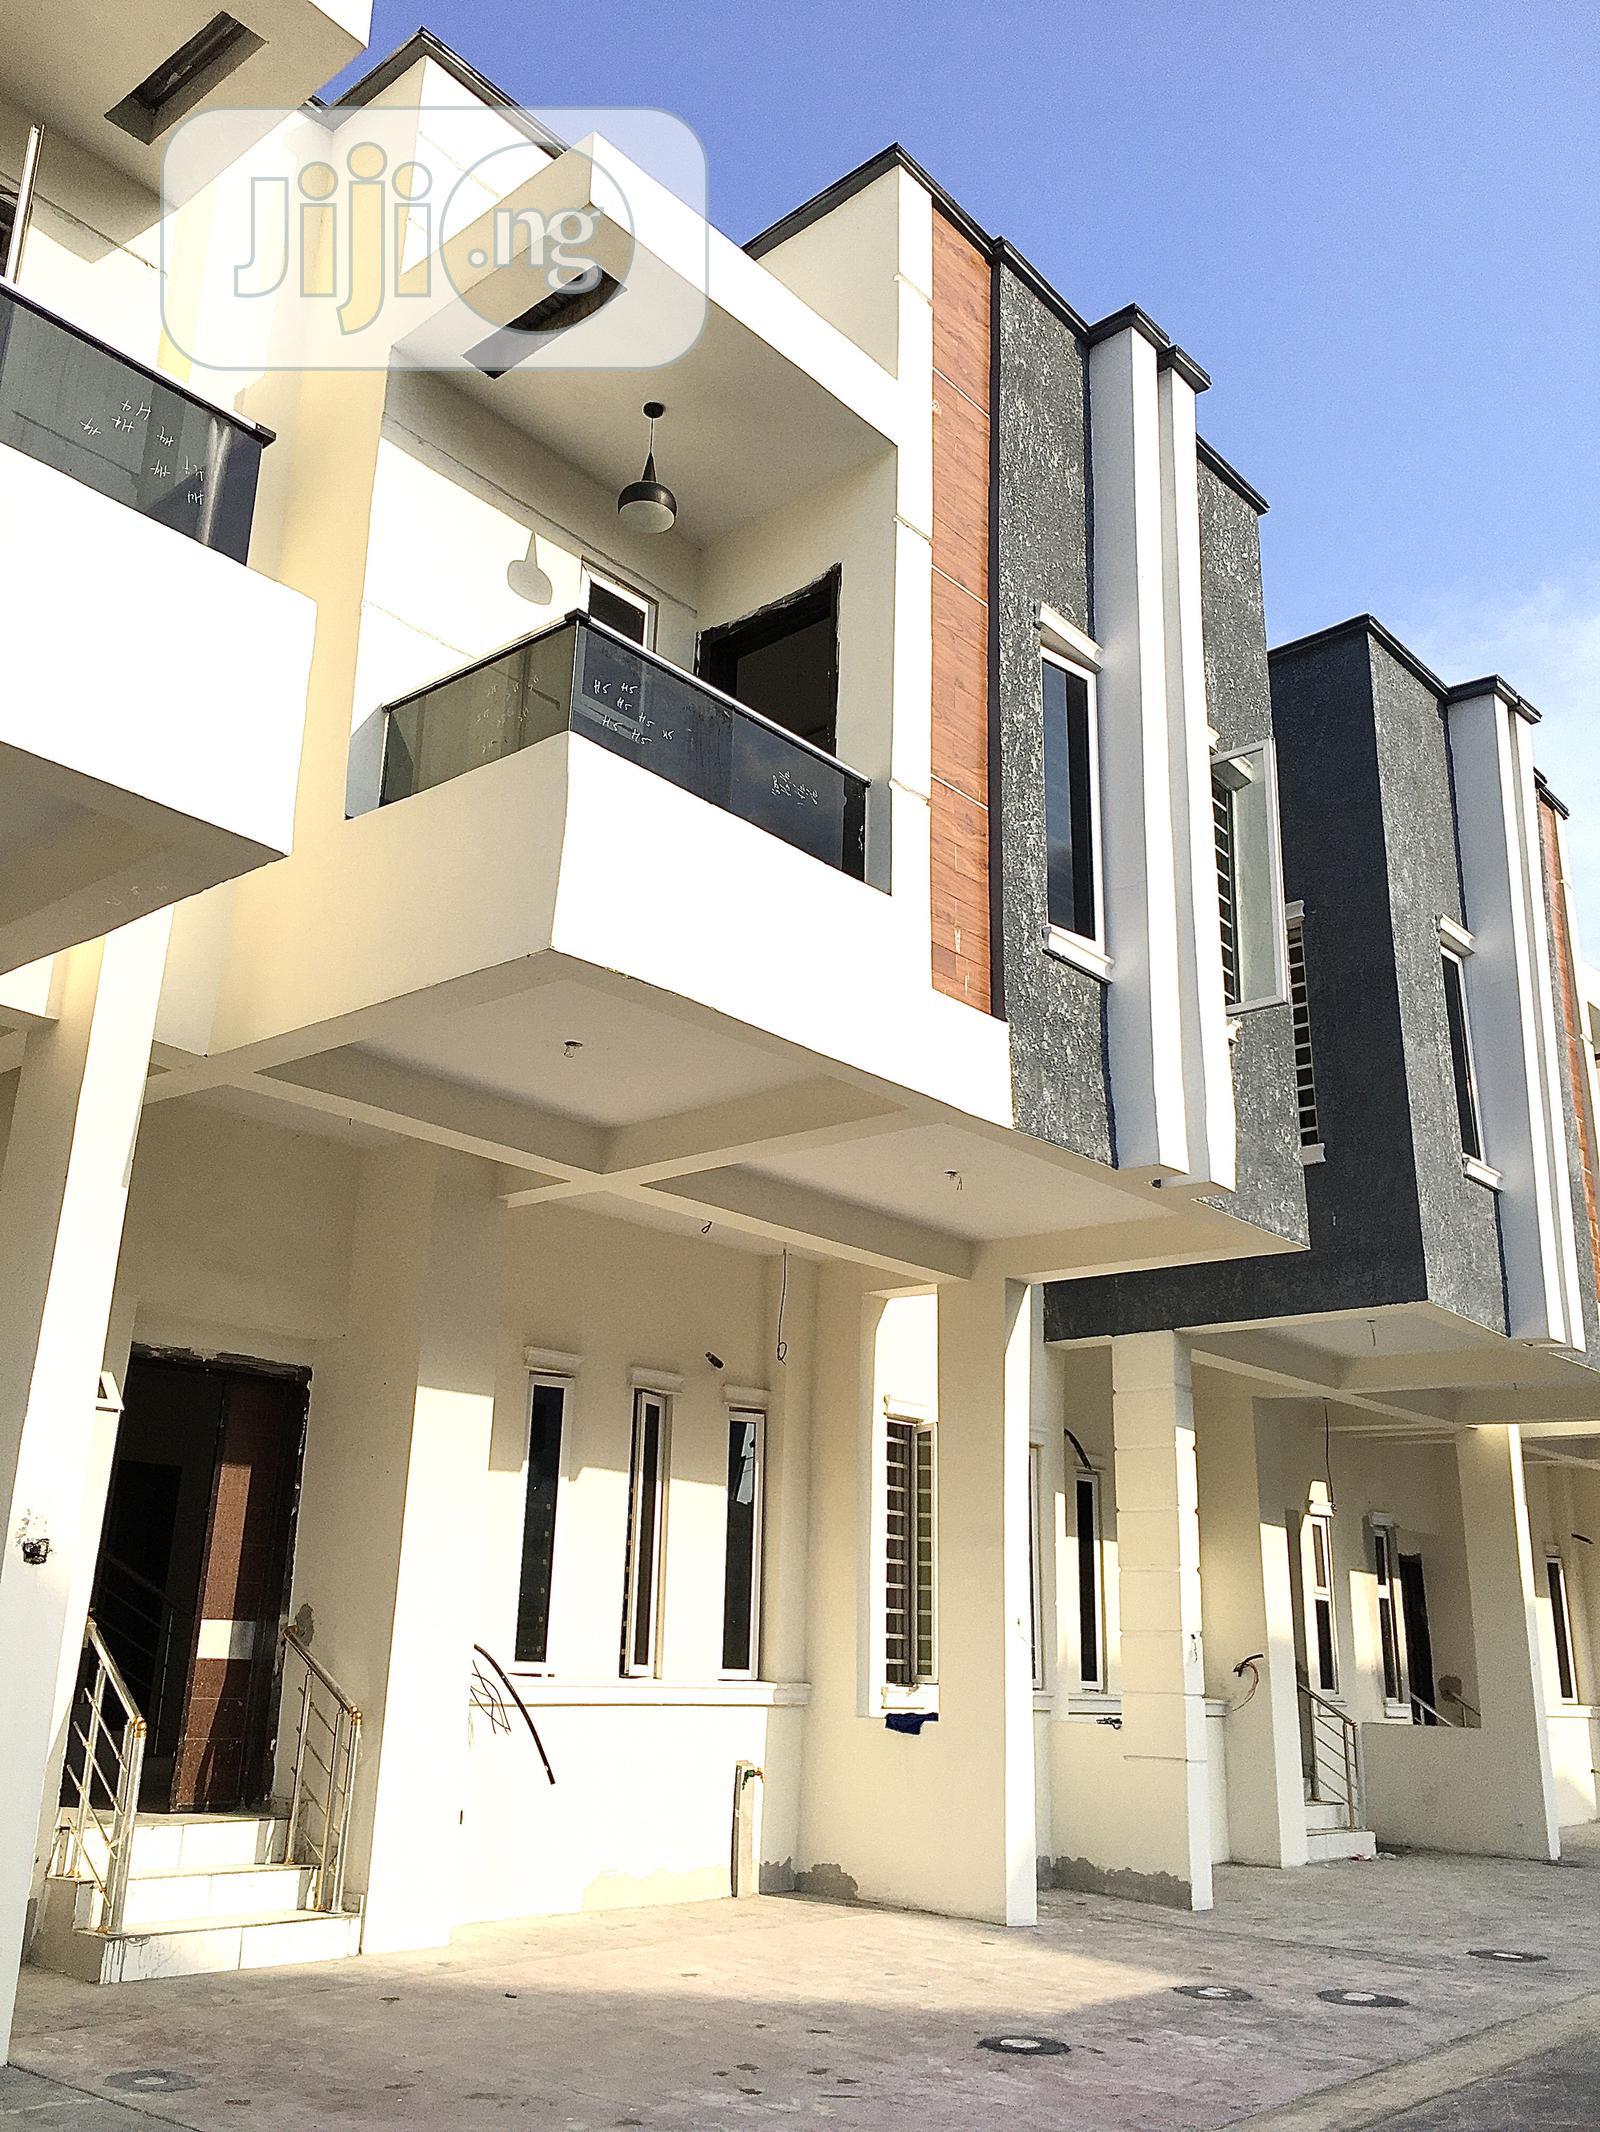 4 Bedroom Terrace Duplex In Lekki For Sale   Houses & Apartments For Sale for sale in Lekki, Lagos State, Nigeria